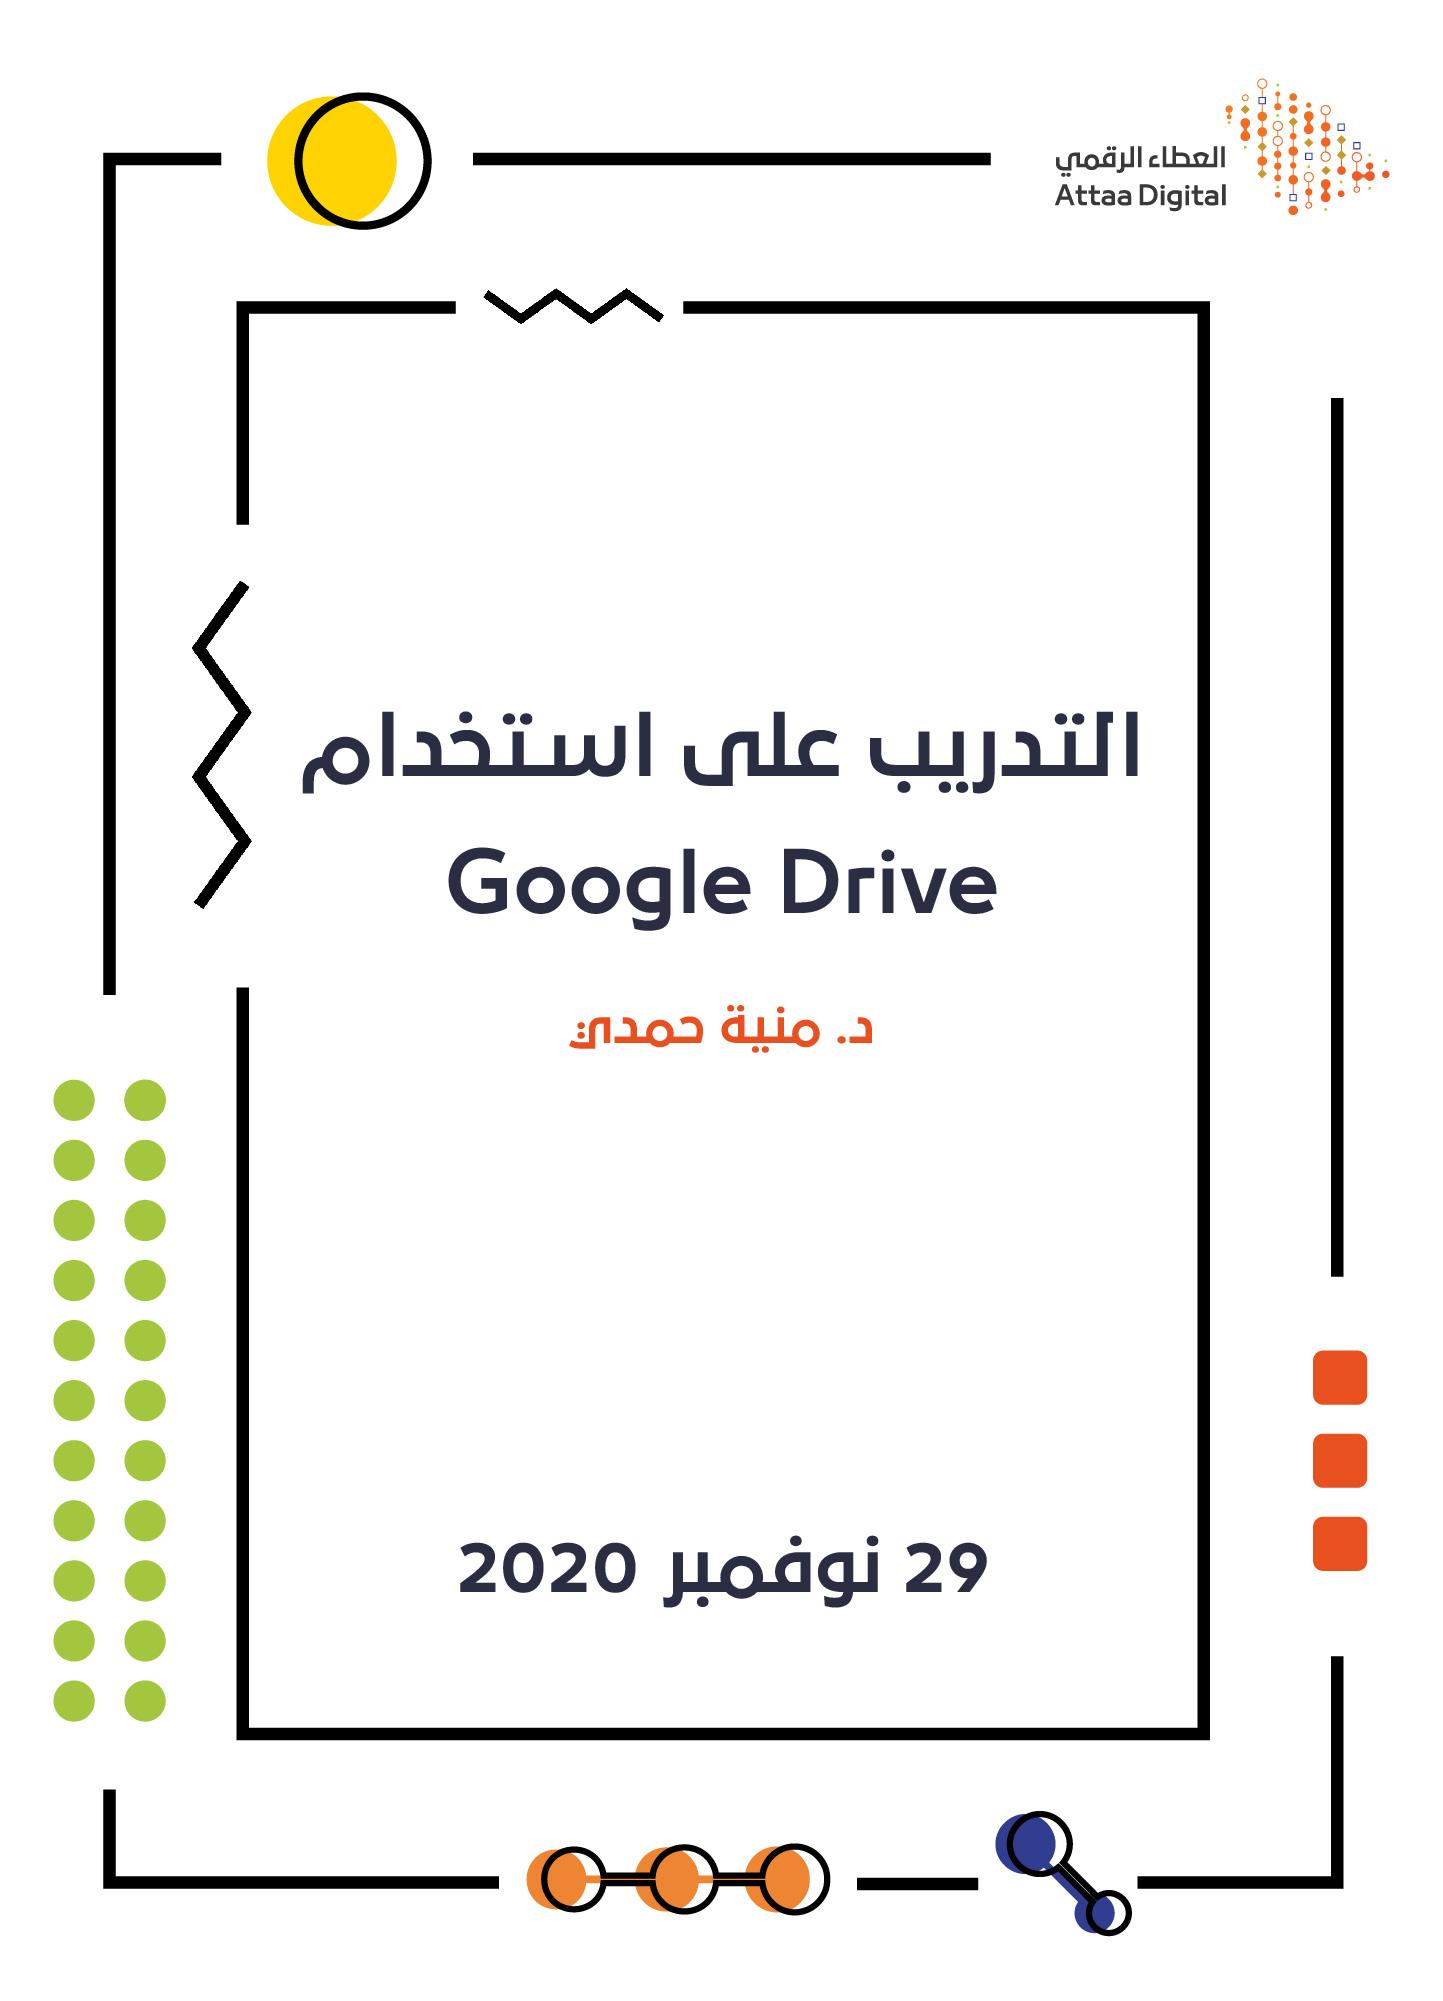 التدريب على استخدام Google Drive